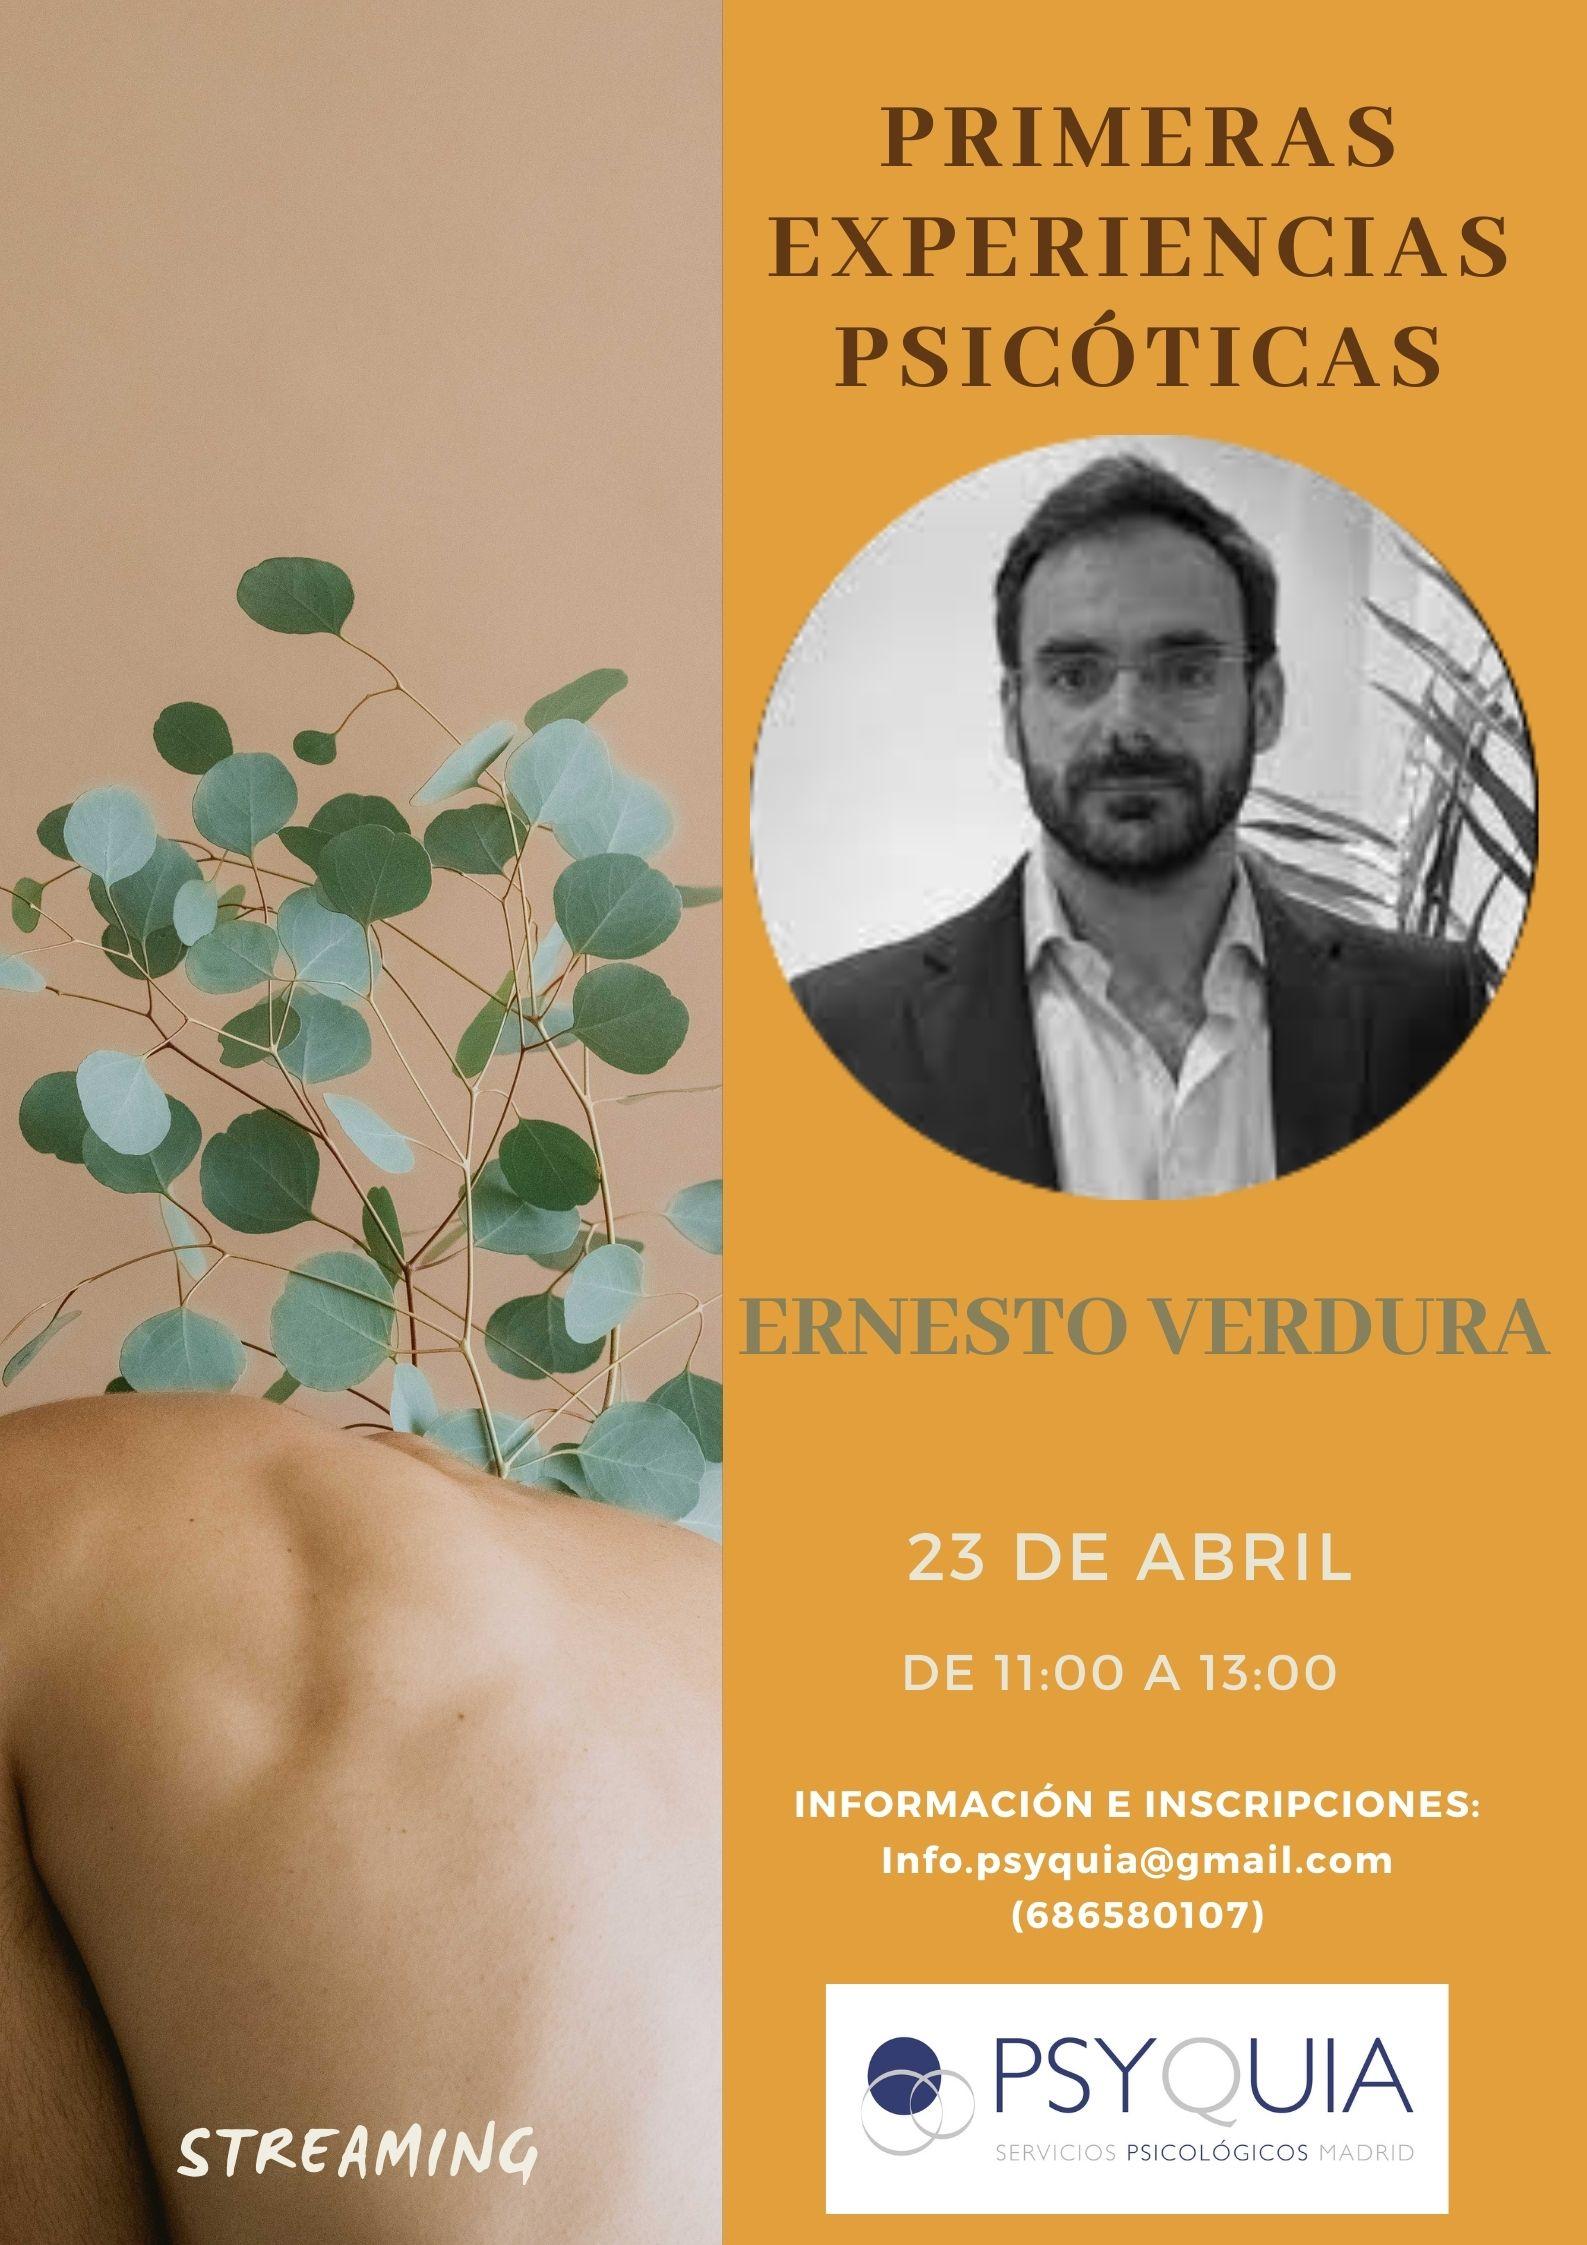 """23/04/22 Lección 7 """"Primeras experiencias psicóticas"""". III Ciclo: Las caras de la psicosis – Ernesto Verdura"""